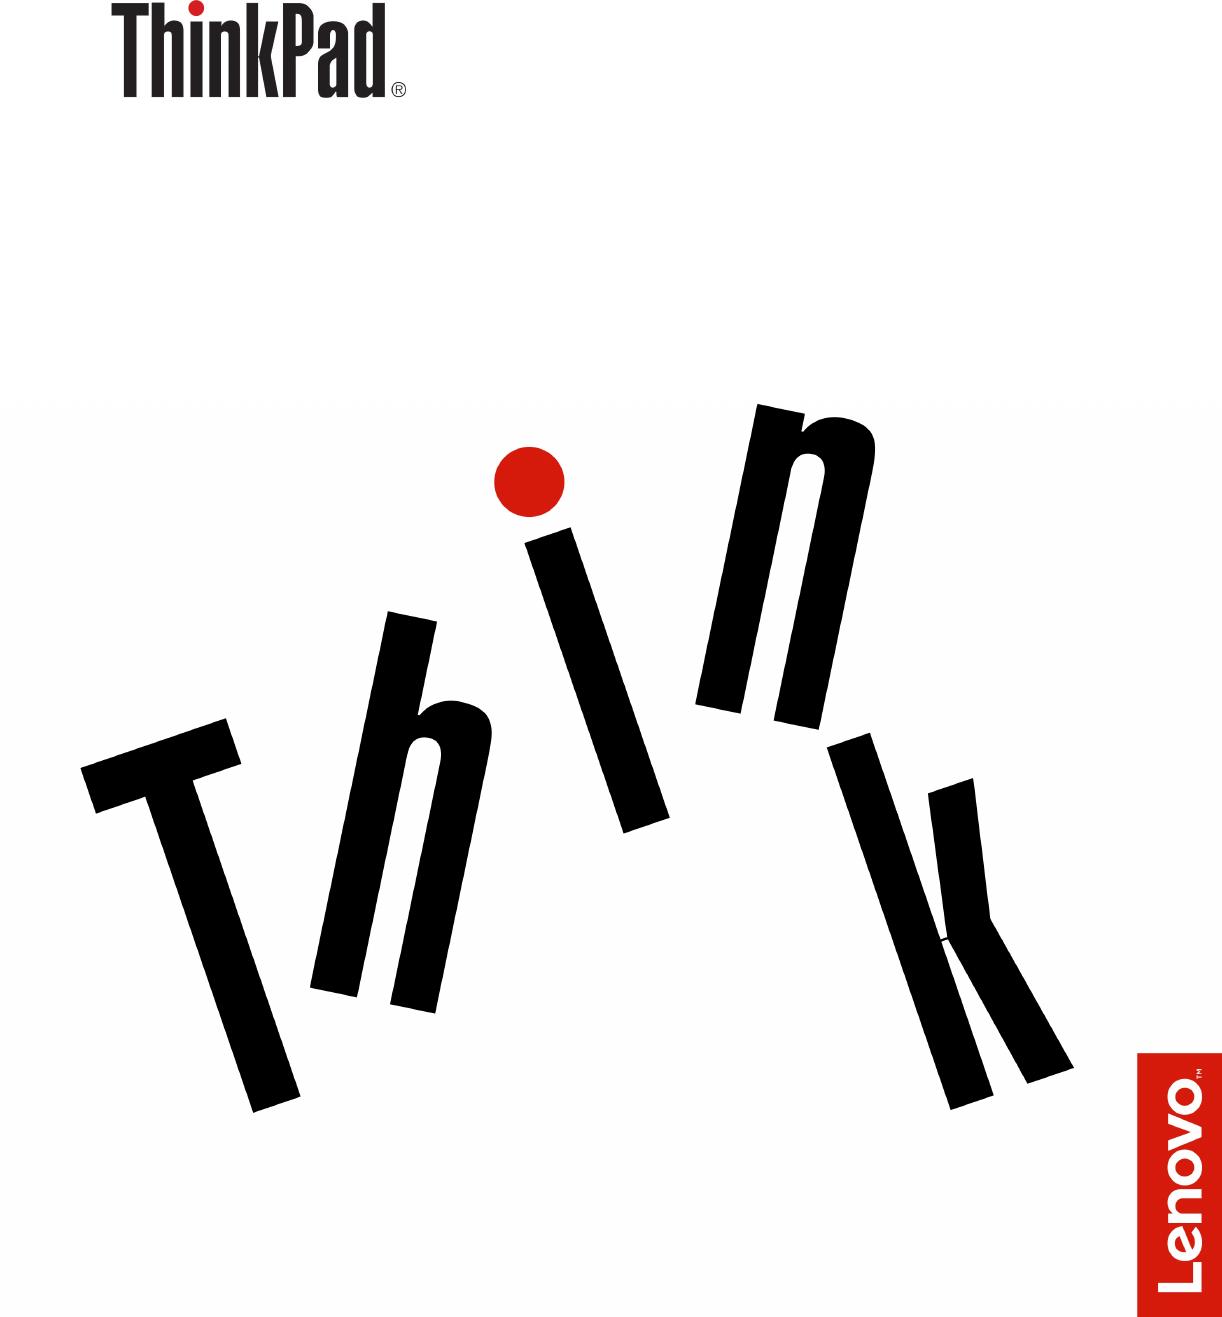 Lenovo E570 E570C E575 Ug Es Guía Del Usuario De ThinkPad